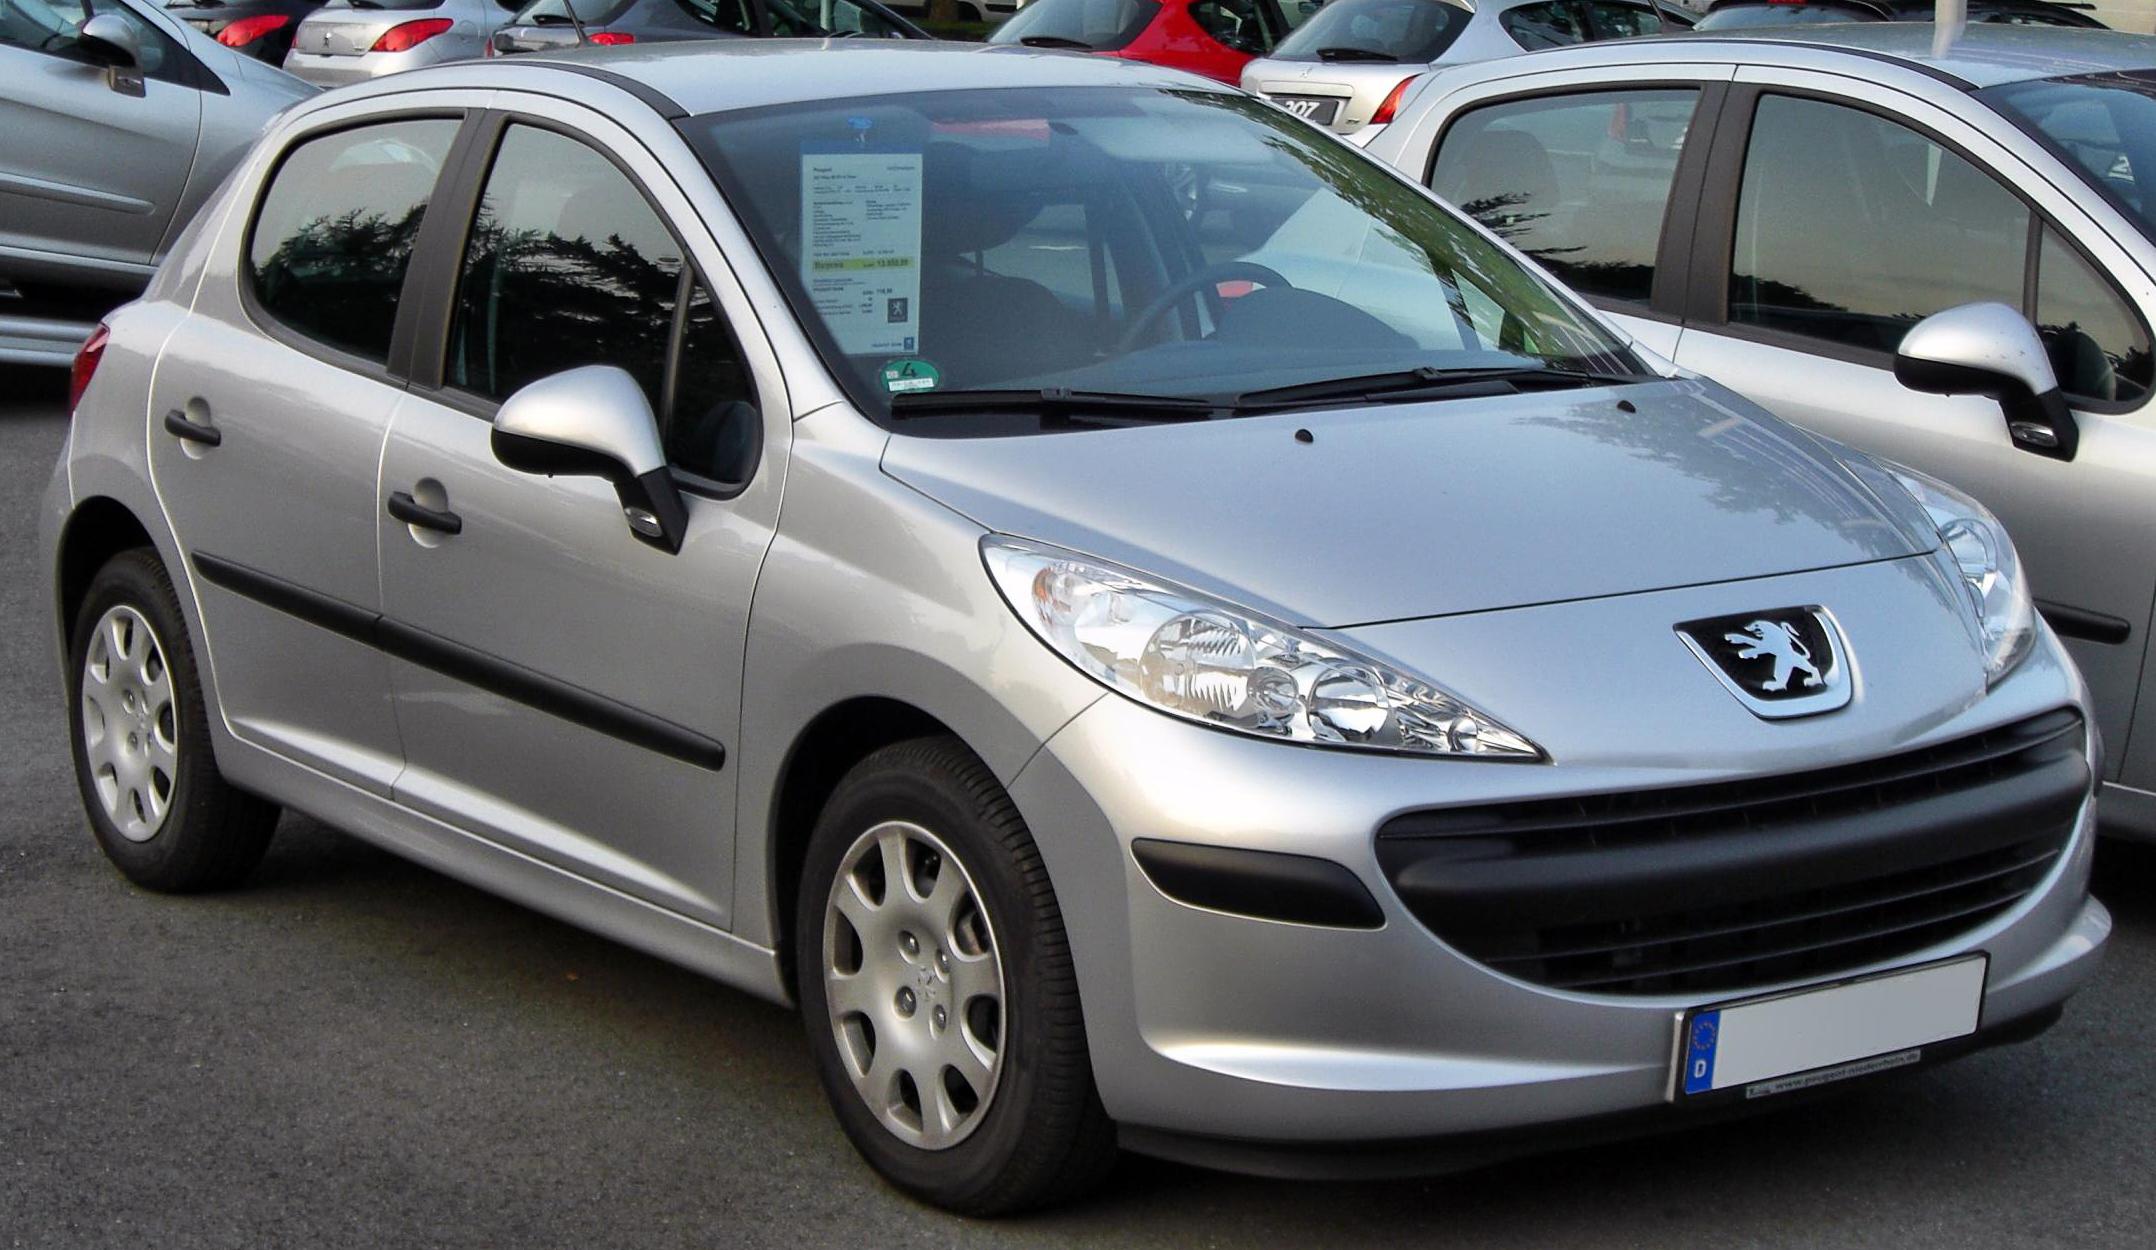 File:Peugeot 207 5-Türer front.JPG - Wikimedia Commons